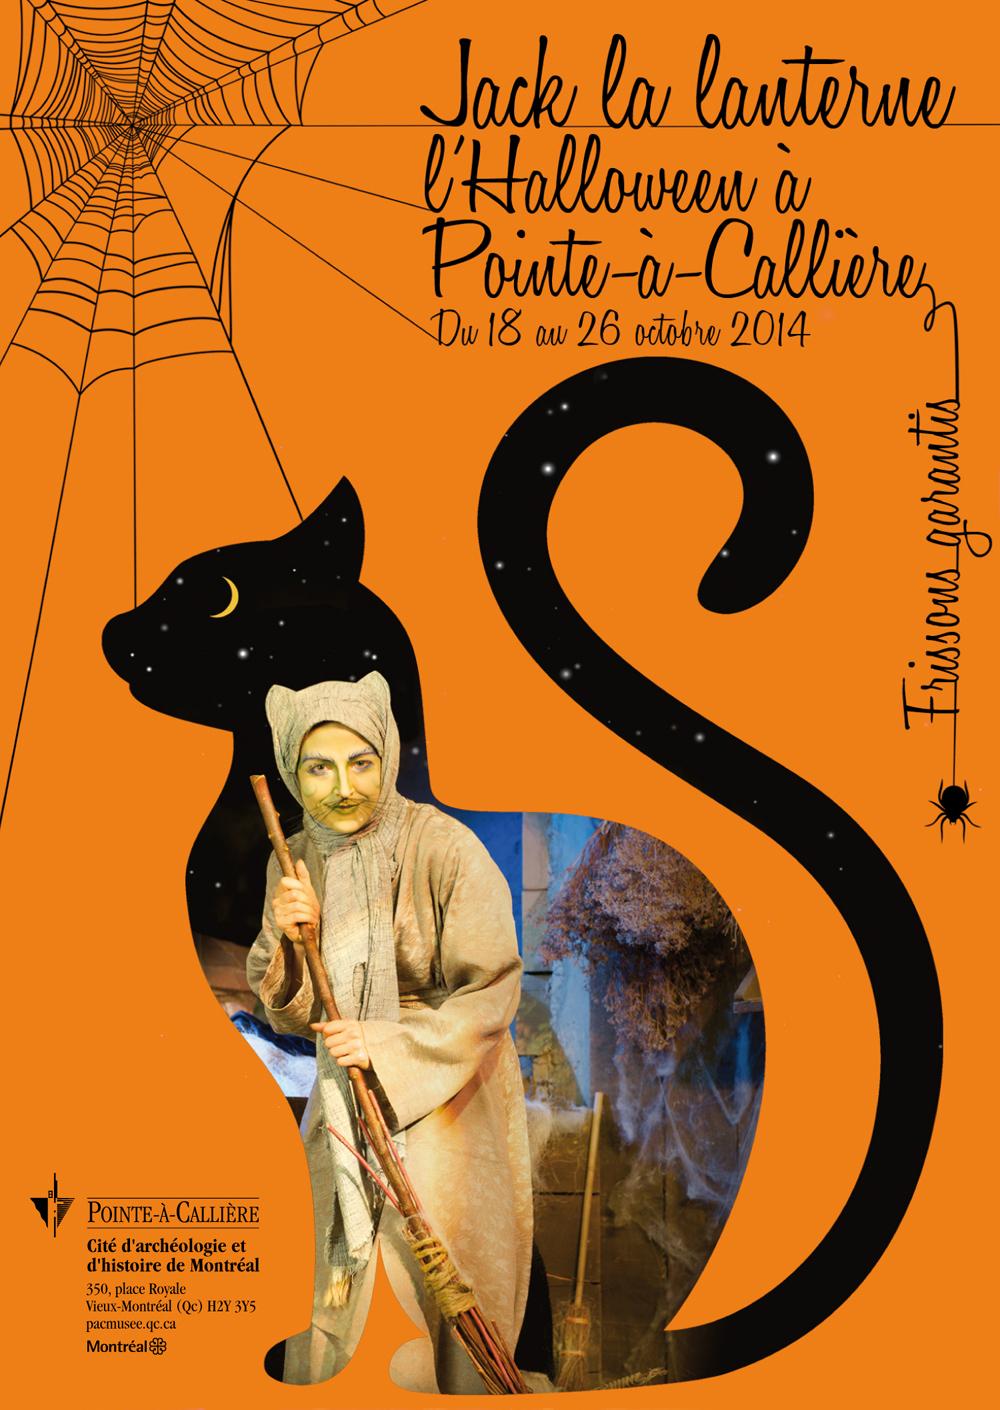 Jack la lanterne: l'Halloween à Pointe-à-Callière © photo: courtoisie